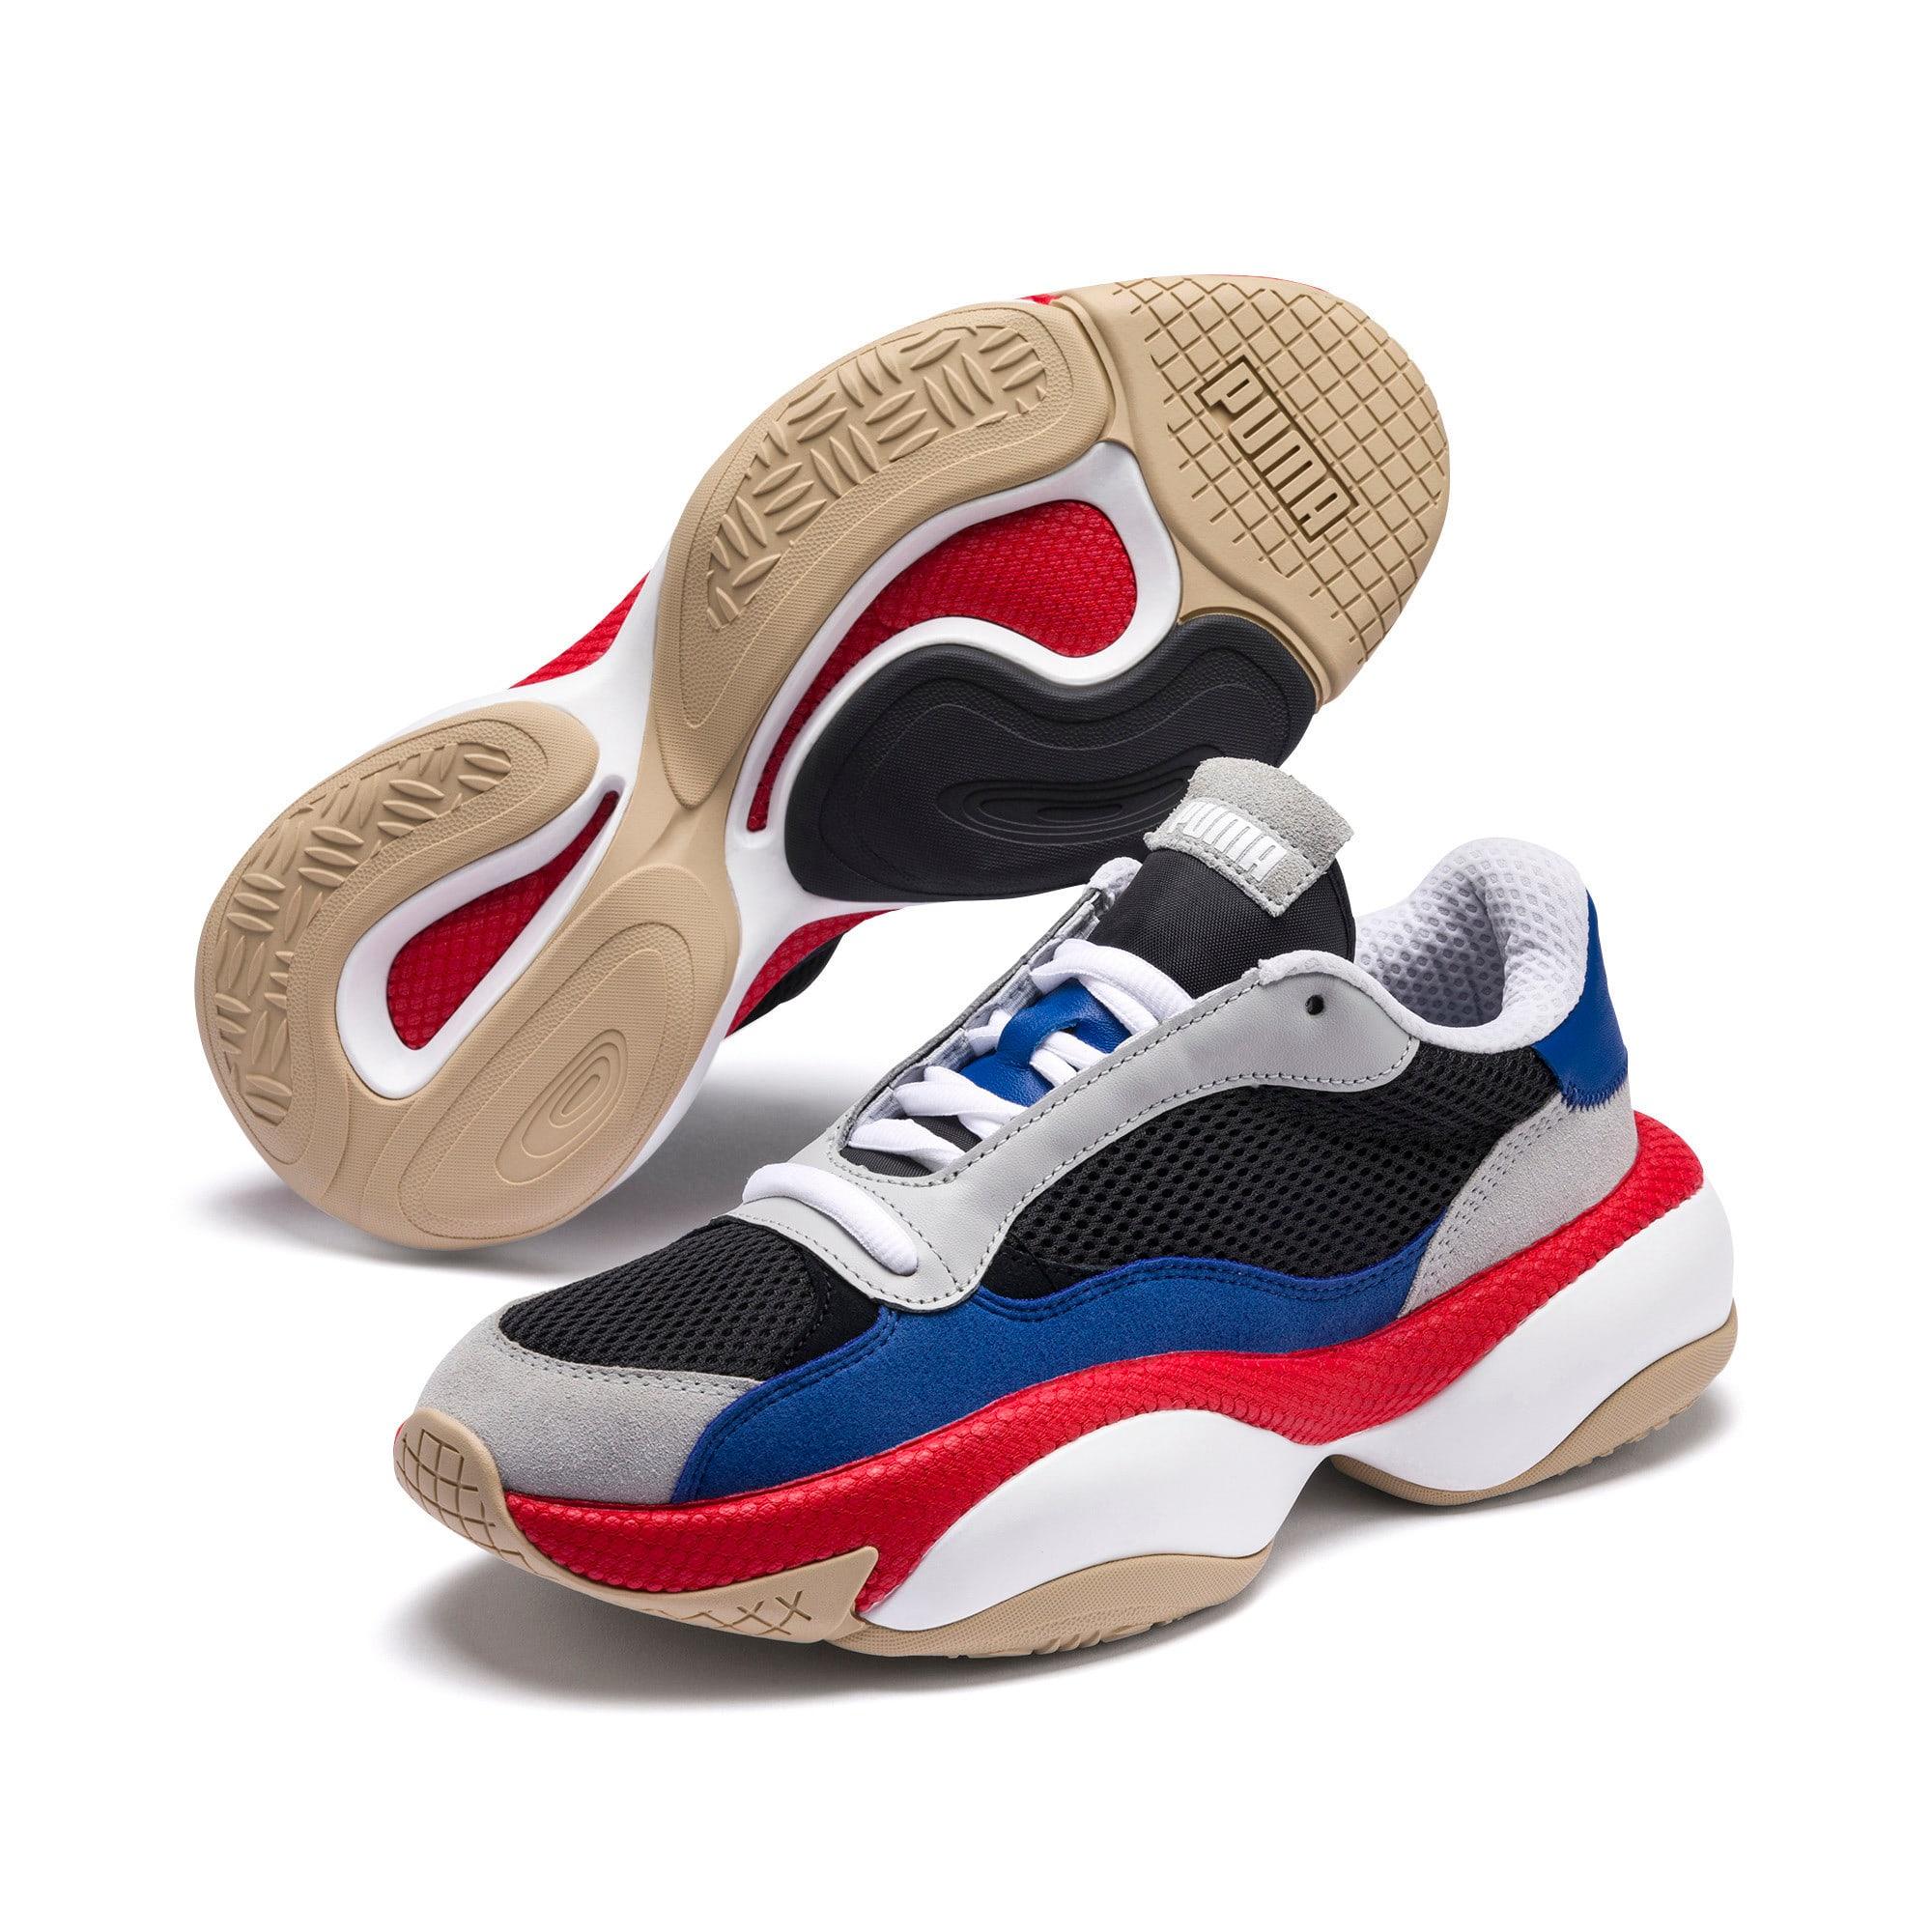 Miniatura 2 de Zapatos deportivos Alteration Kurve, High Rise-Puma Black, mediano